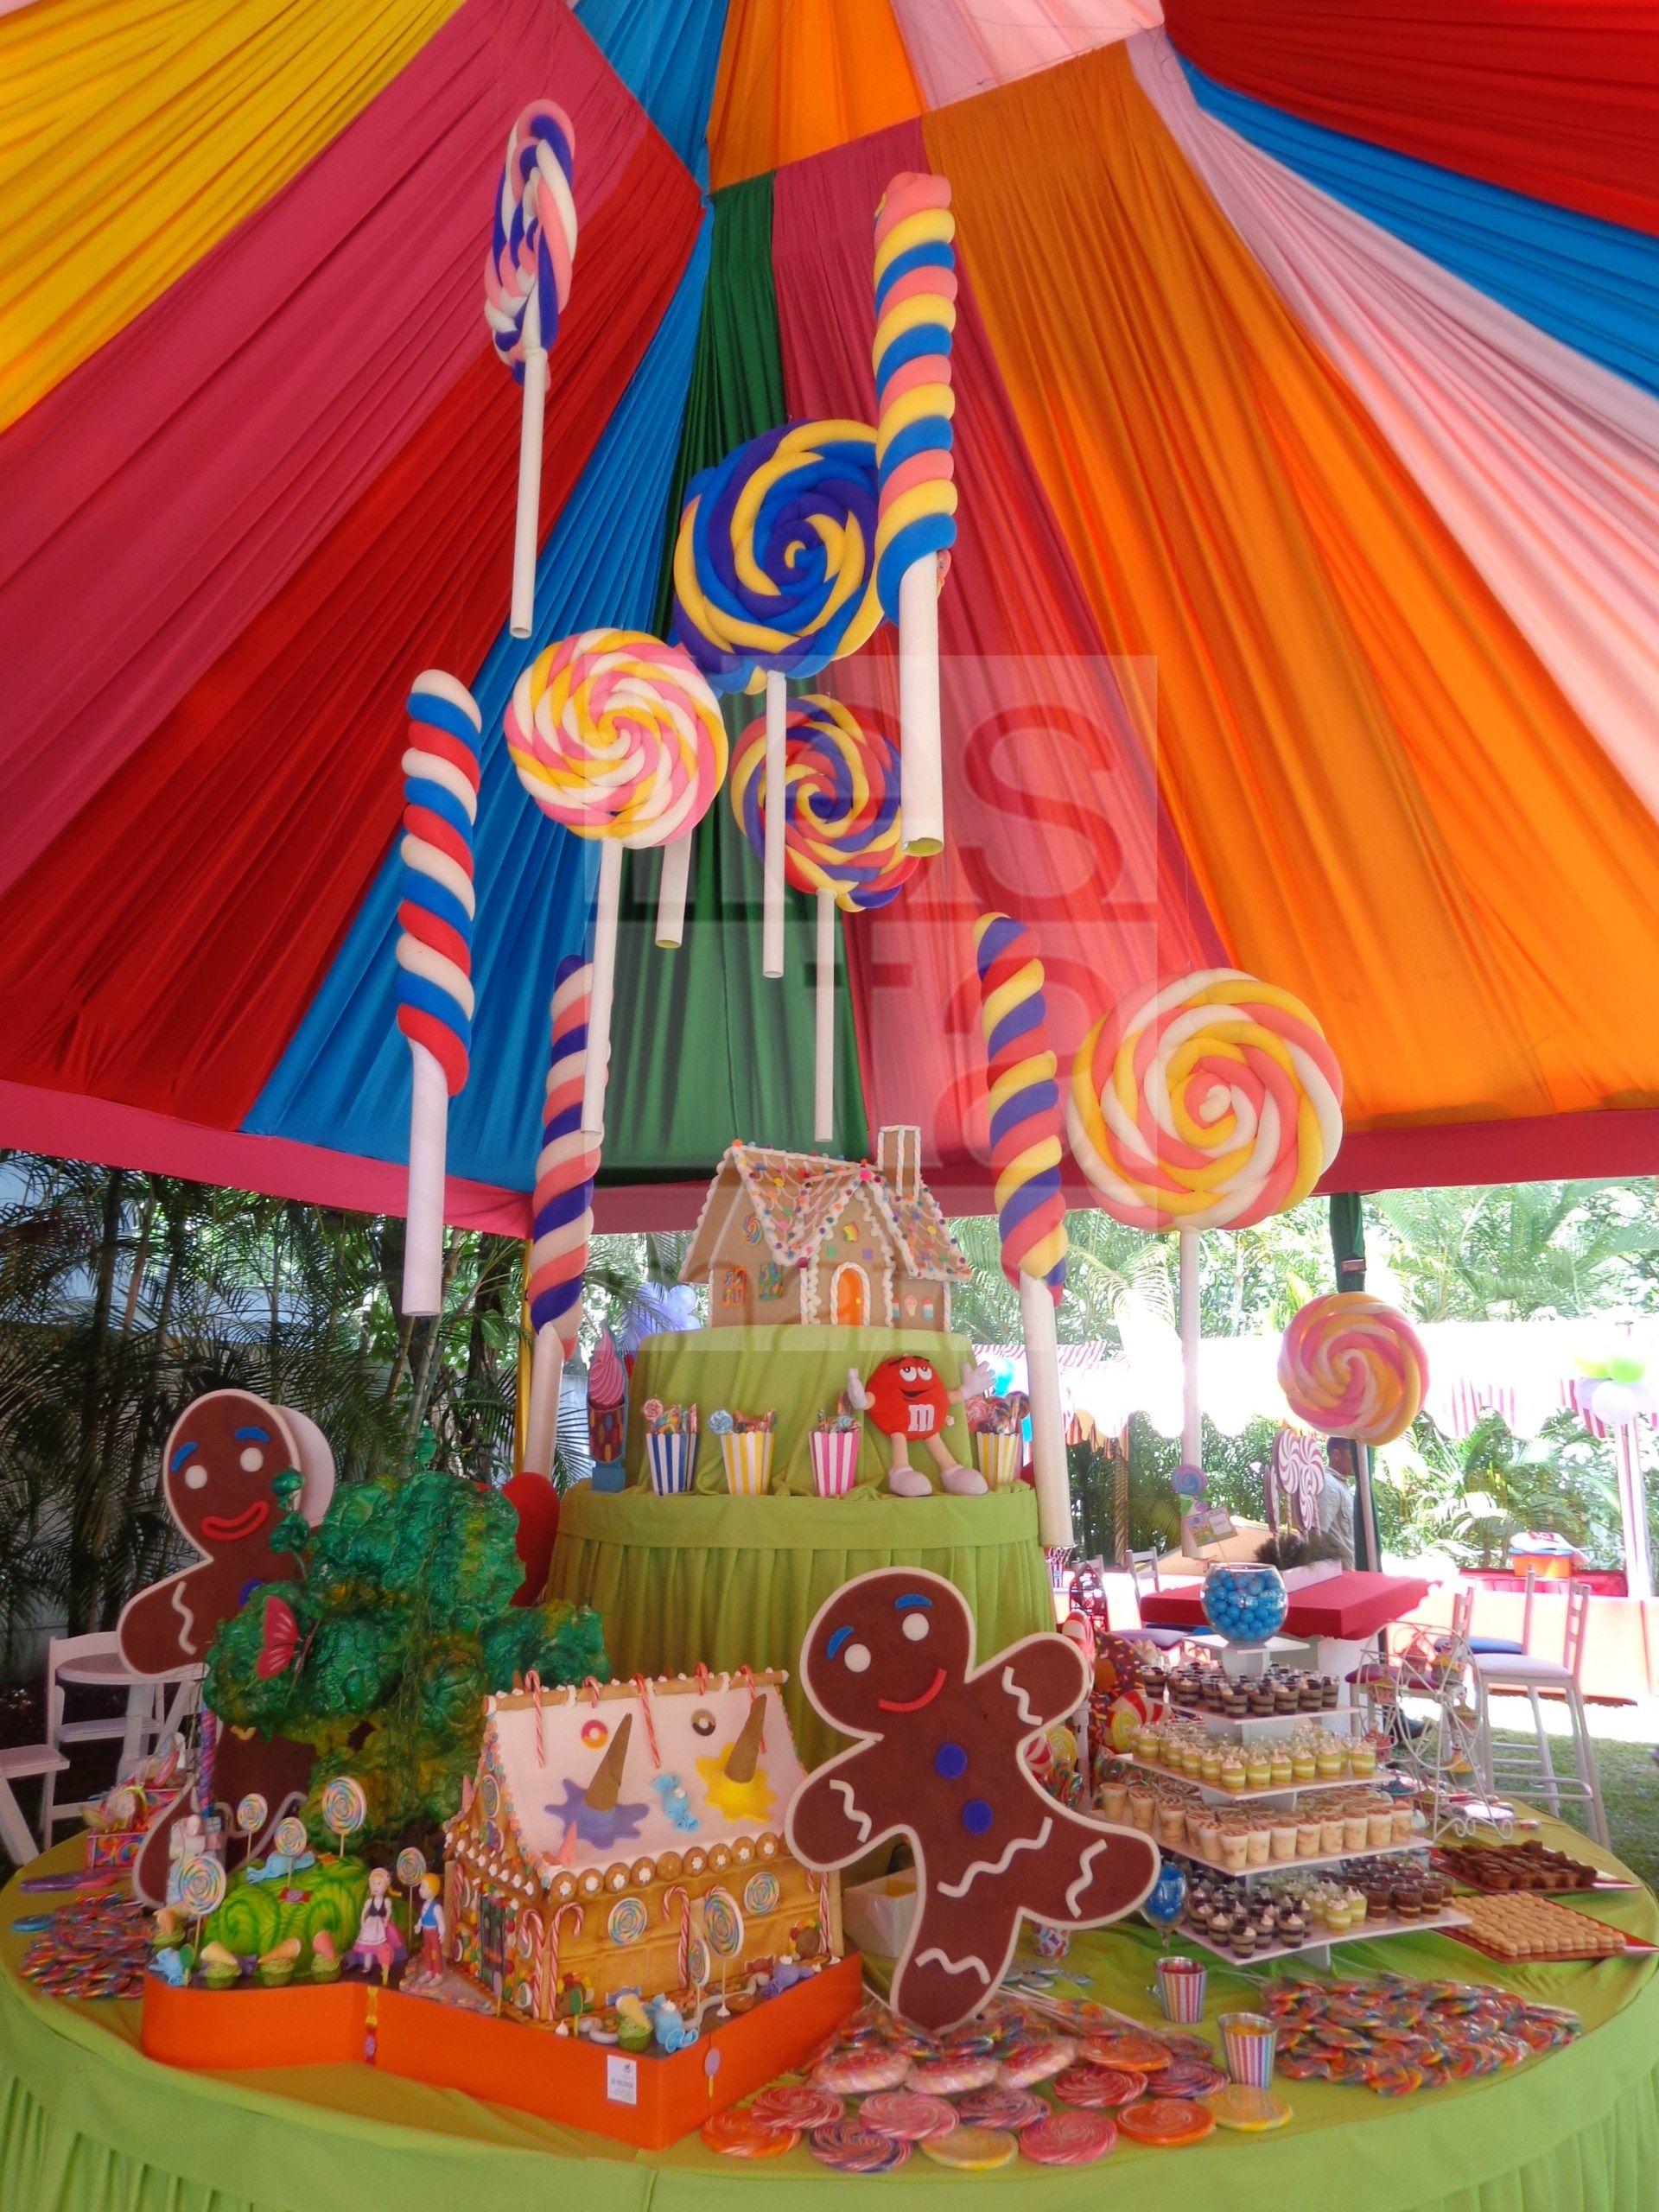 Ideas De Decoracion Candy Land Dale Detalles Fiesta De Candy Land Decoracion Con Dulces Fiesta Tematica De Dulce